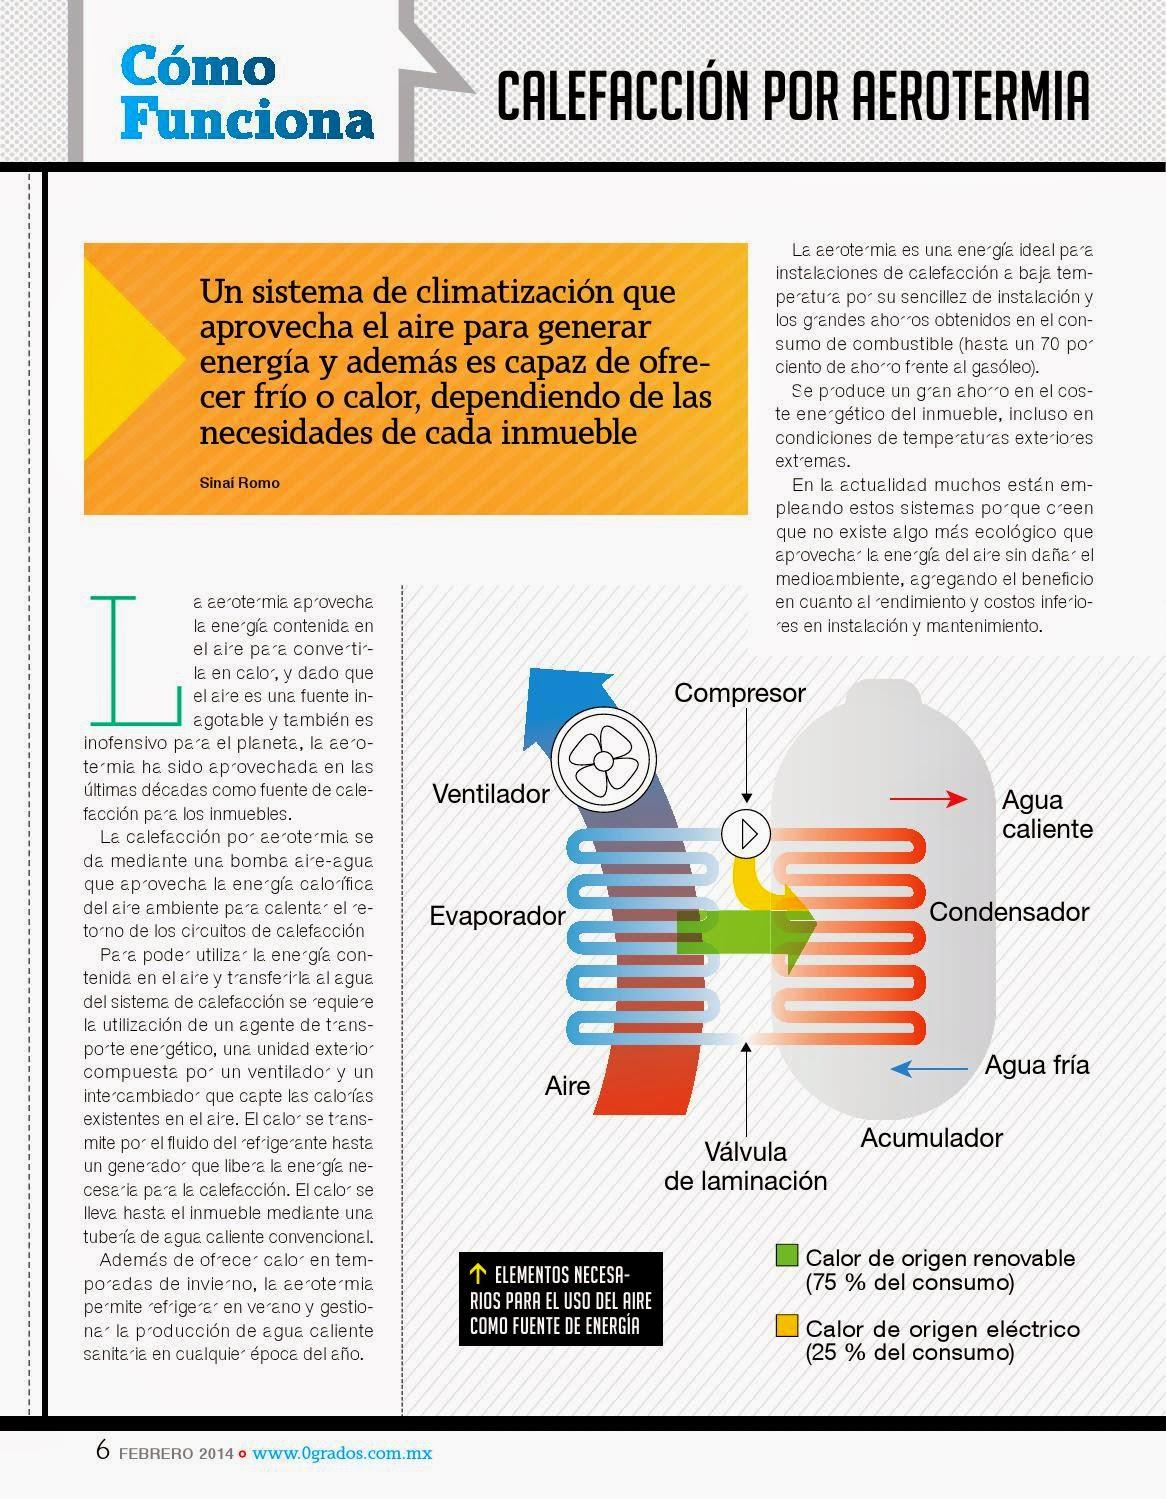 Aerotermia que es y como funciona for Calefaccion por aerotermia